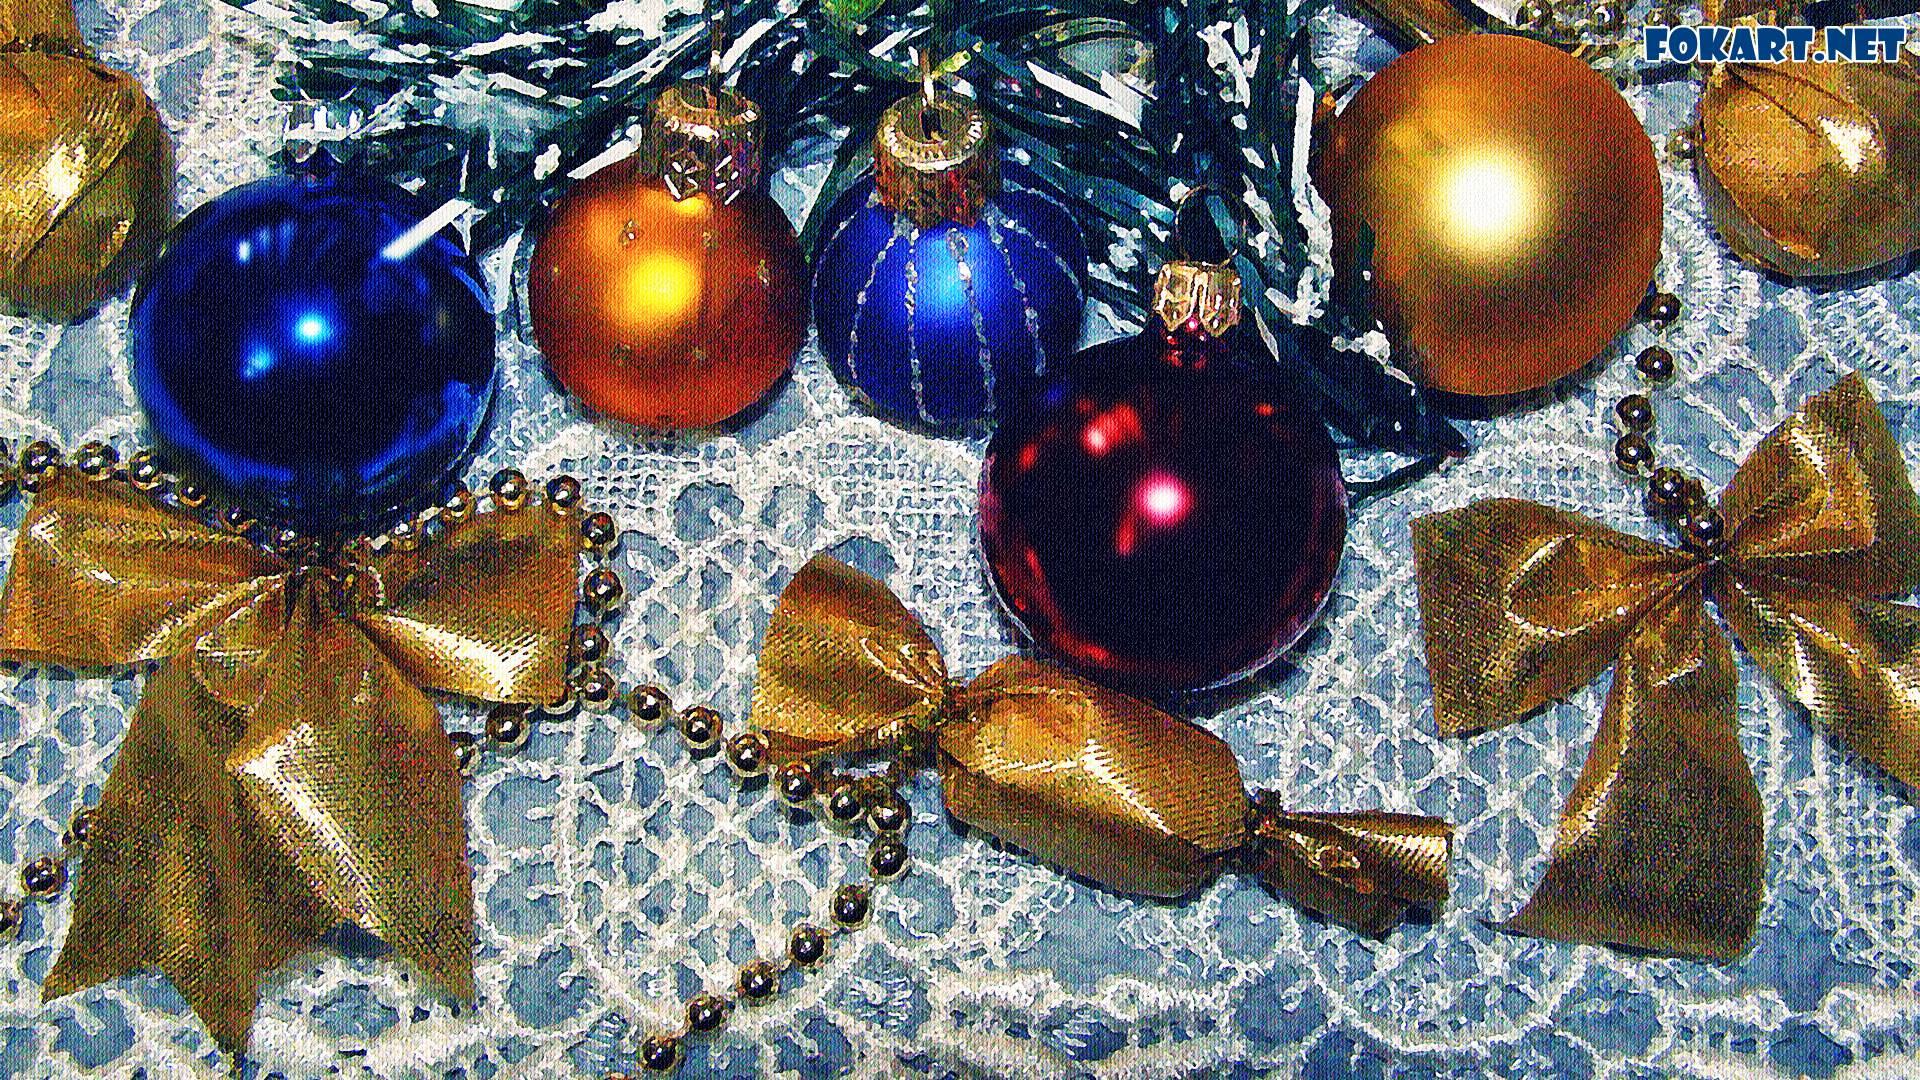 Новогодние шарики и бантики на старинной кружевной скатерти